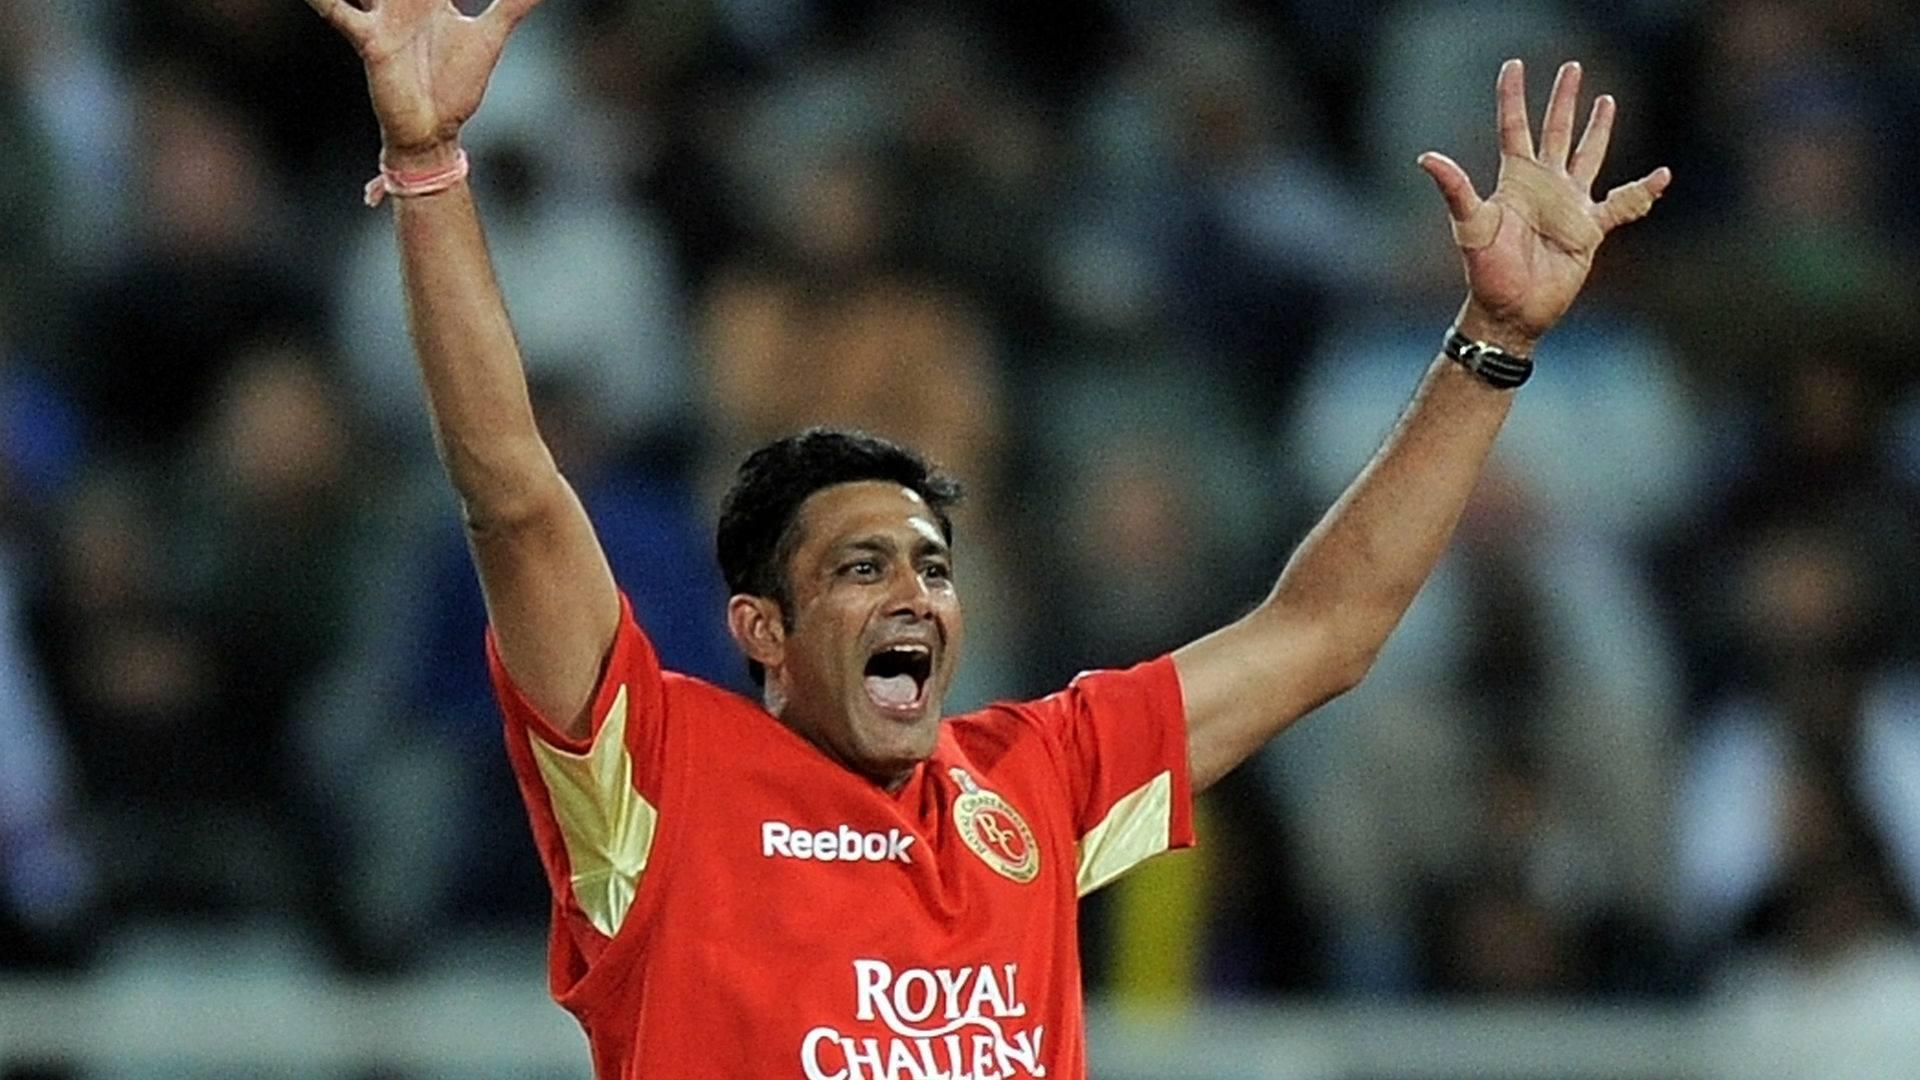 इंडियन प्रीमियर लीग 2009: पारी में सर्वश्रेष्ठ गेंदबाजी 6